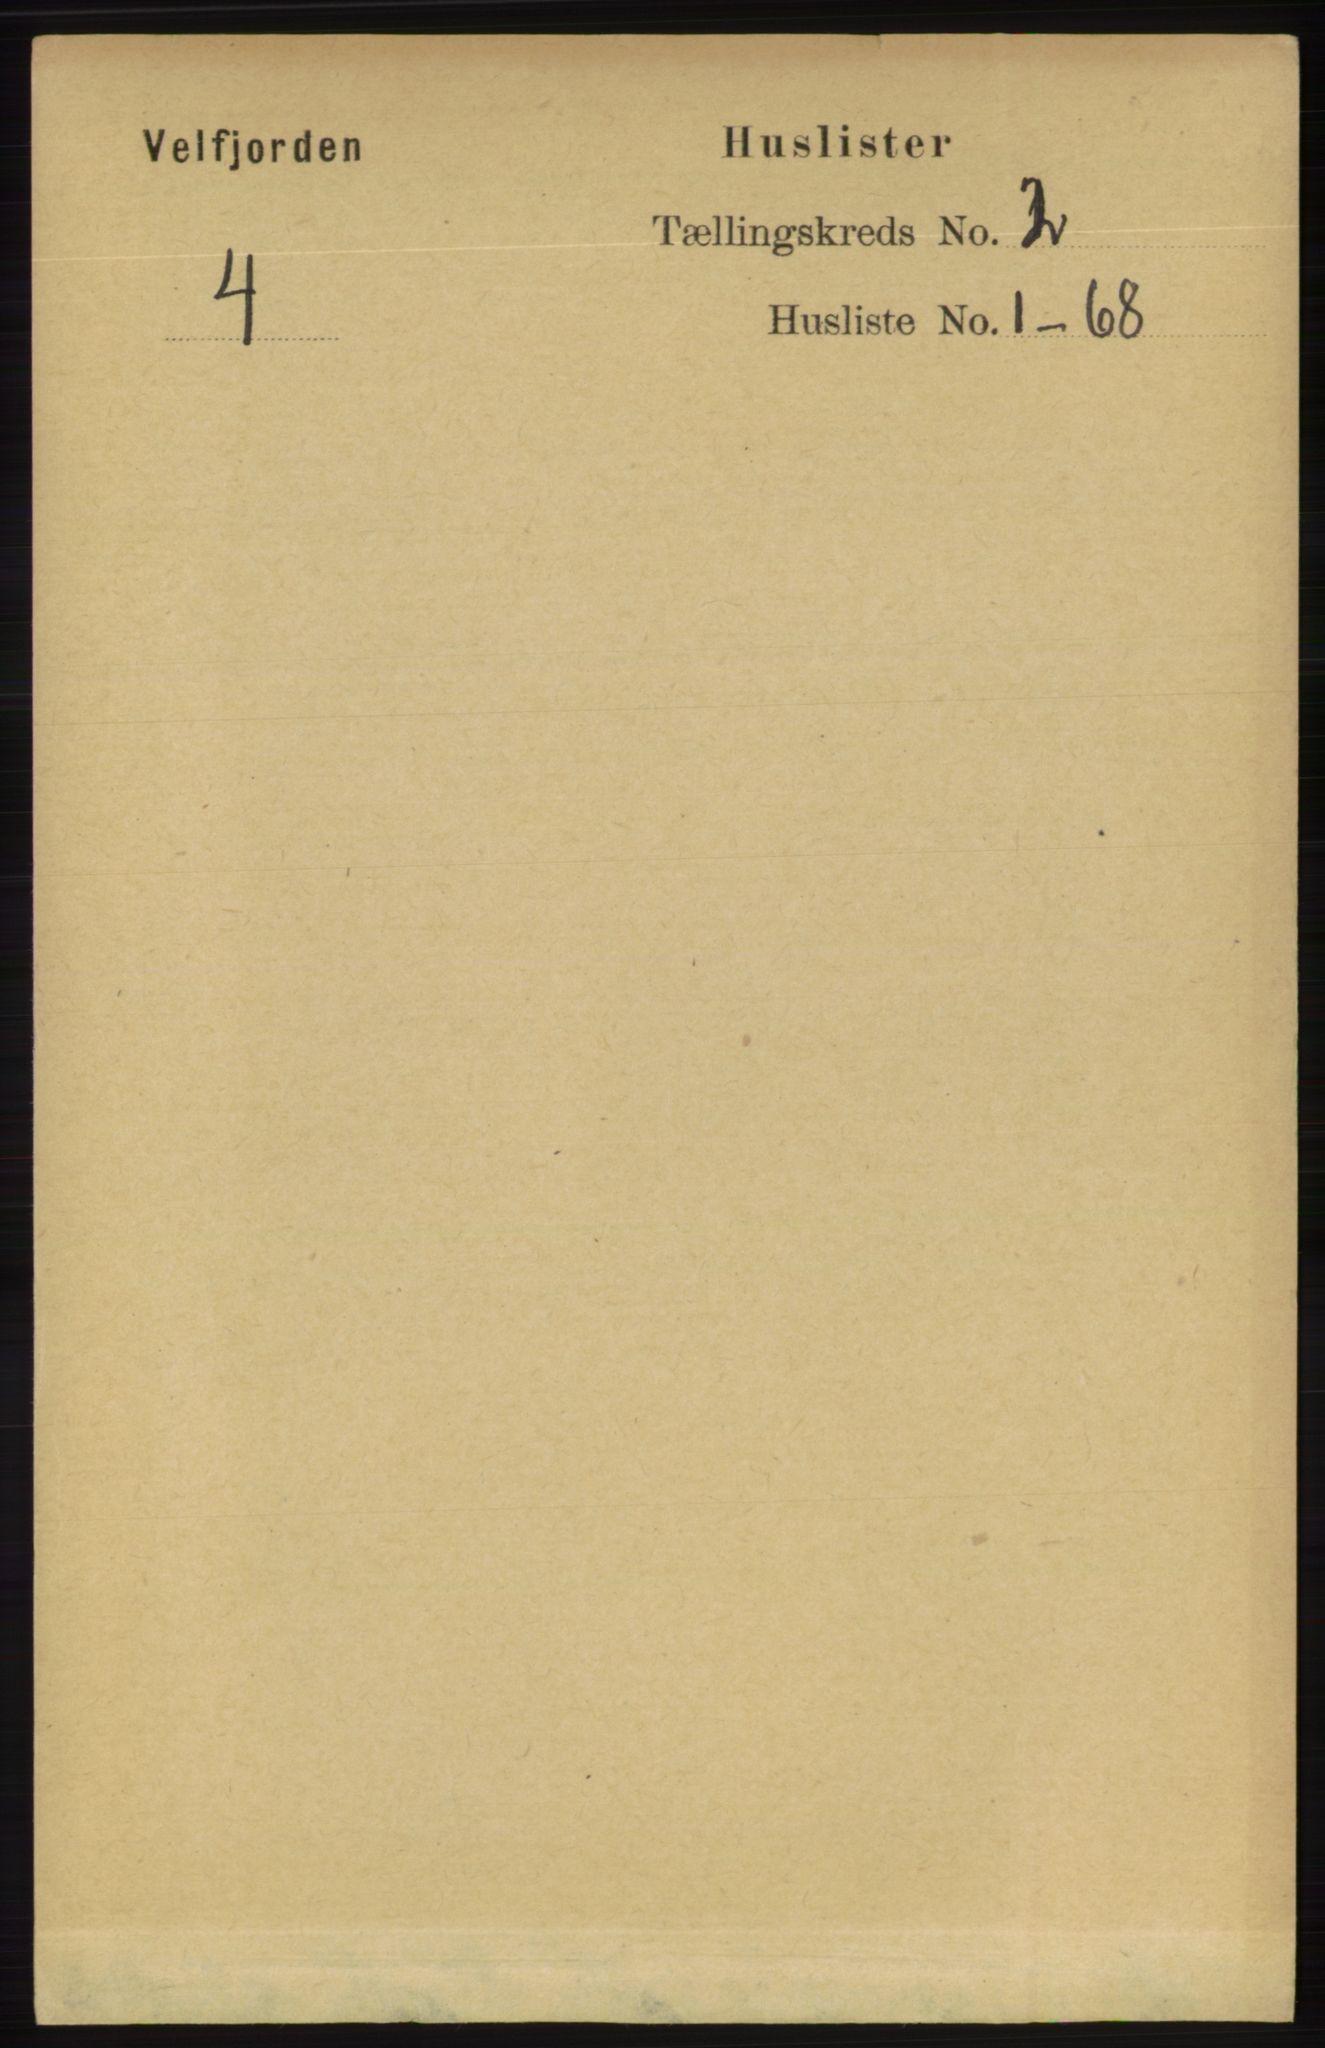 RA, Folketelling 1891 for 1813 Velfjord herred, 1891, s. 479